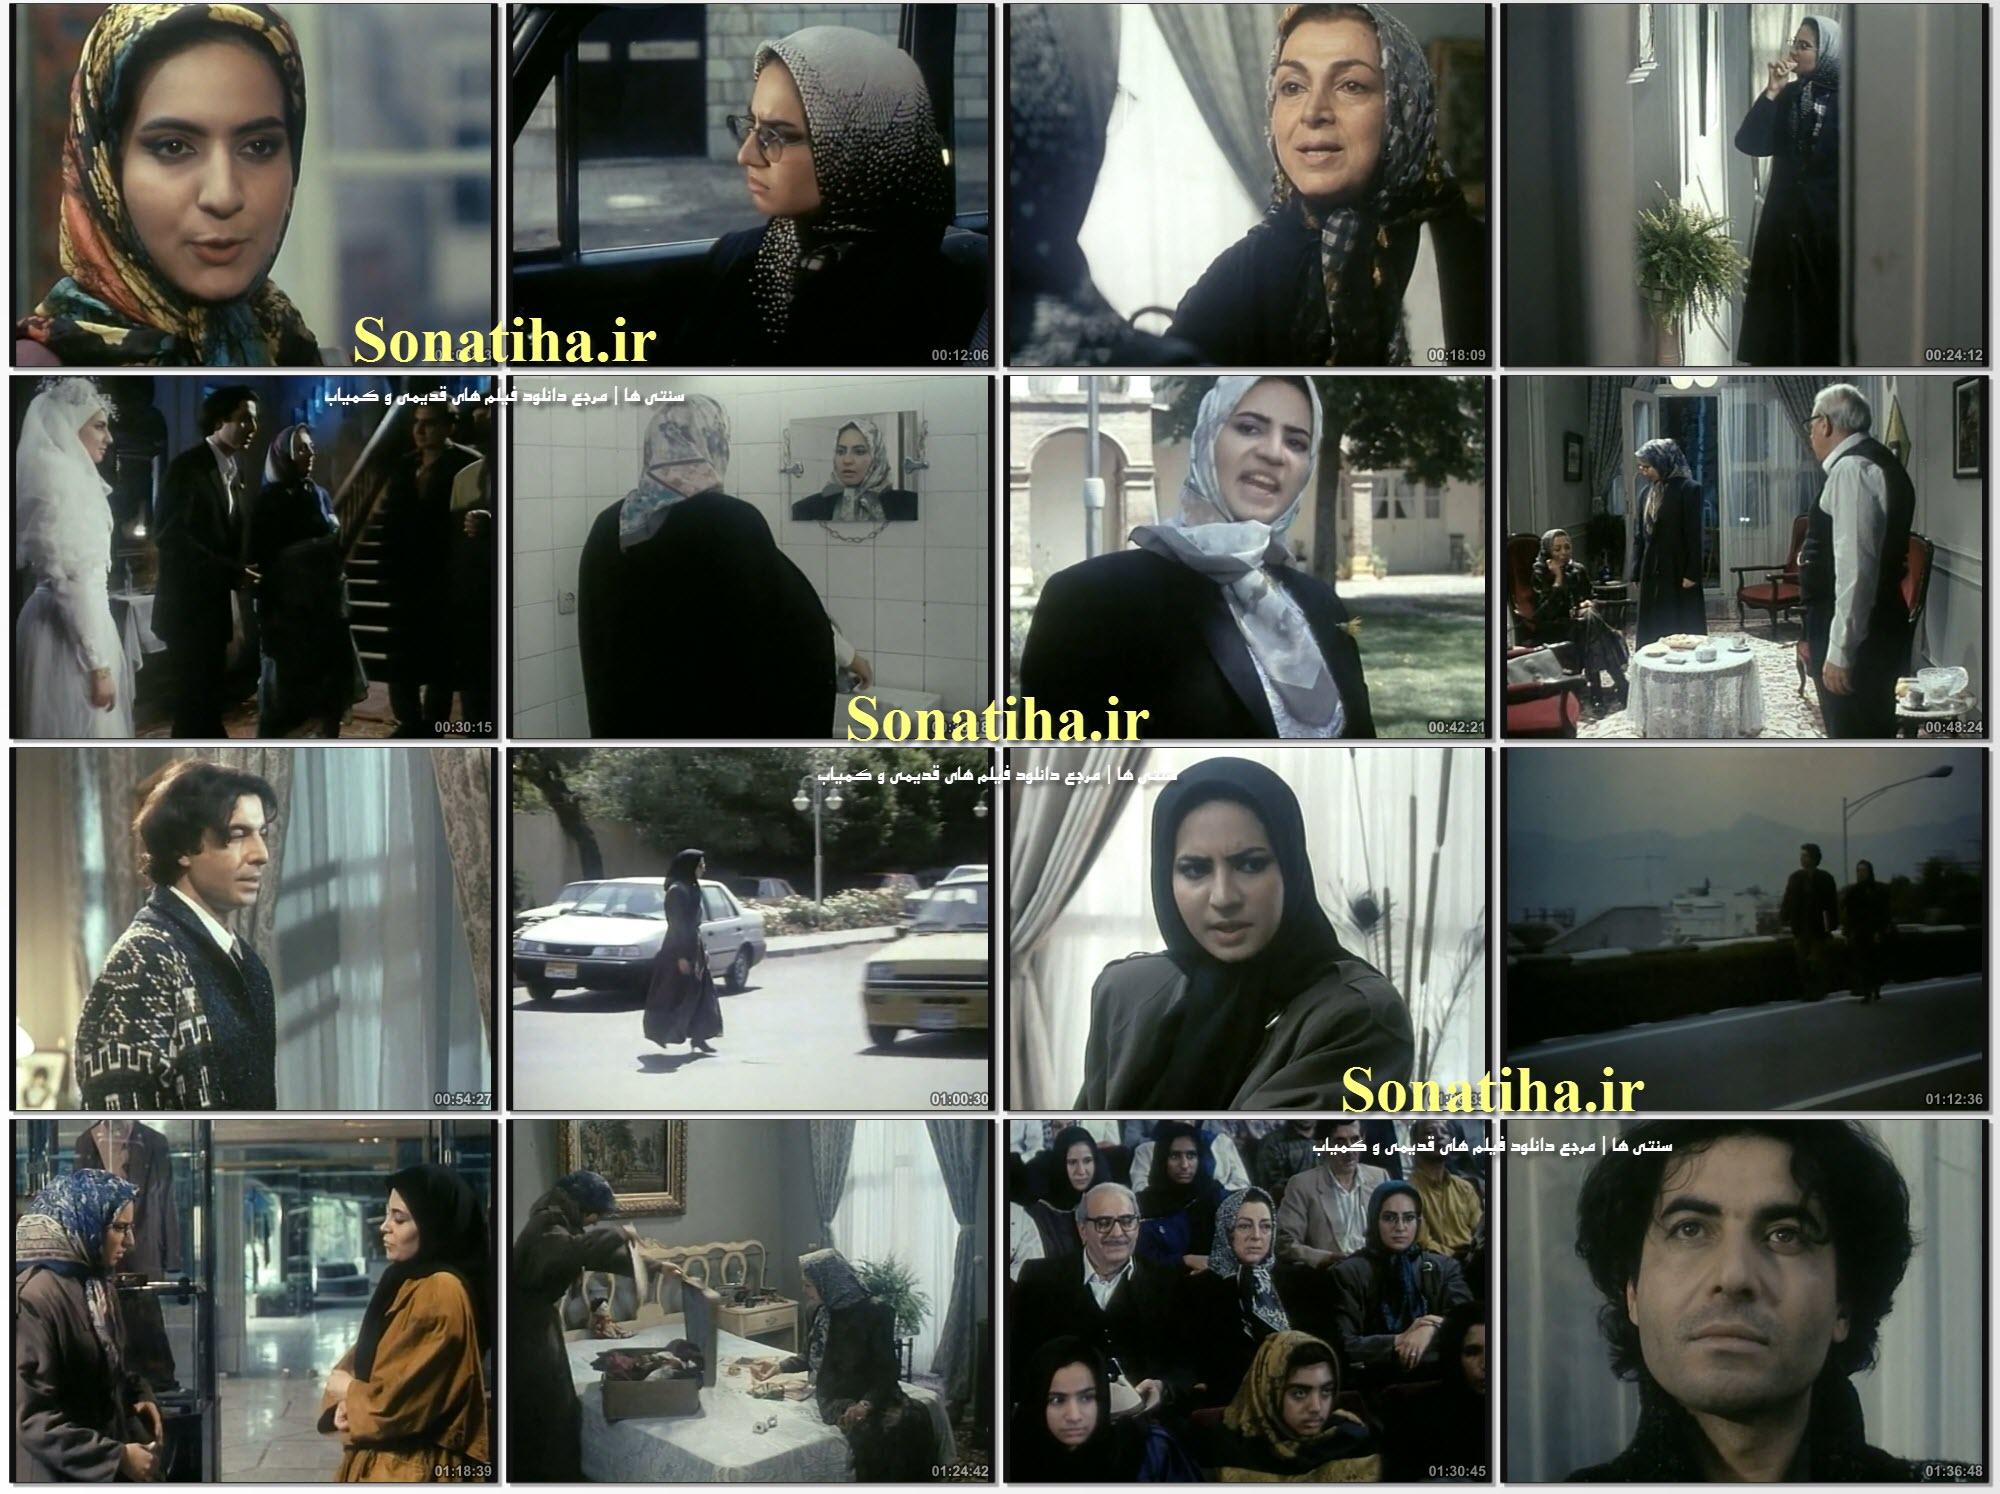 تصاویری از فیلم روزهای خوب زندگی